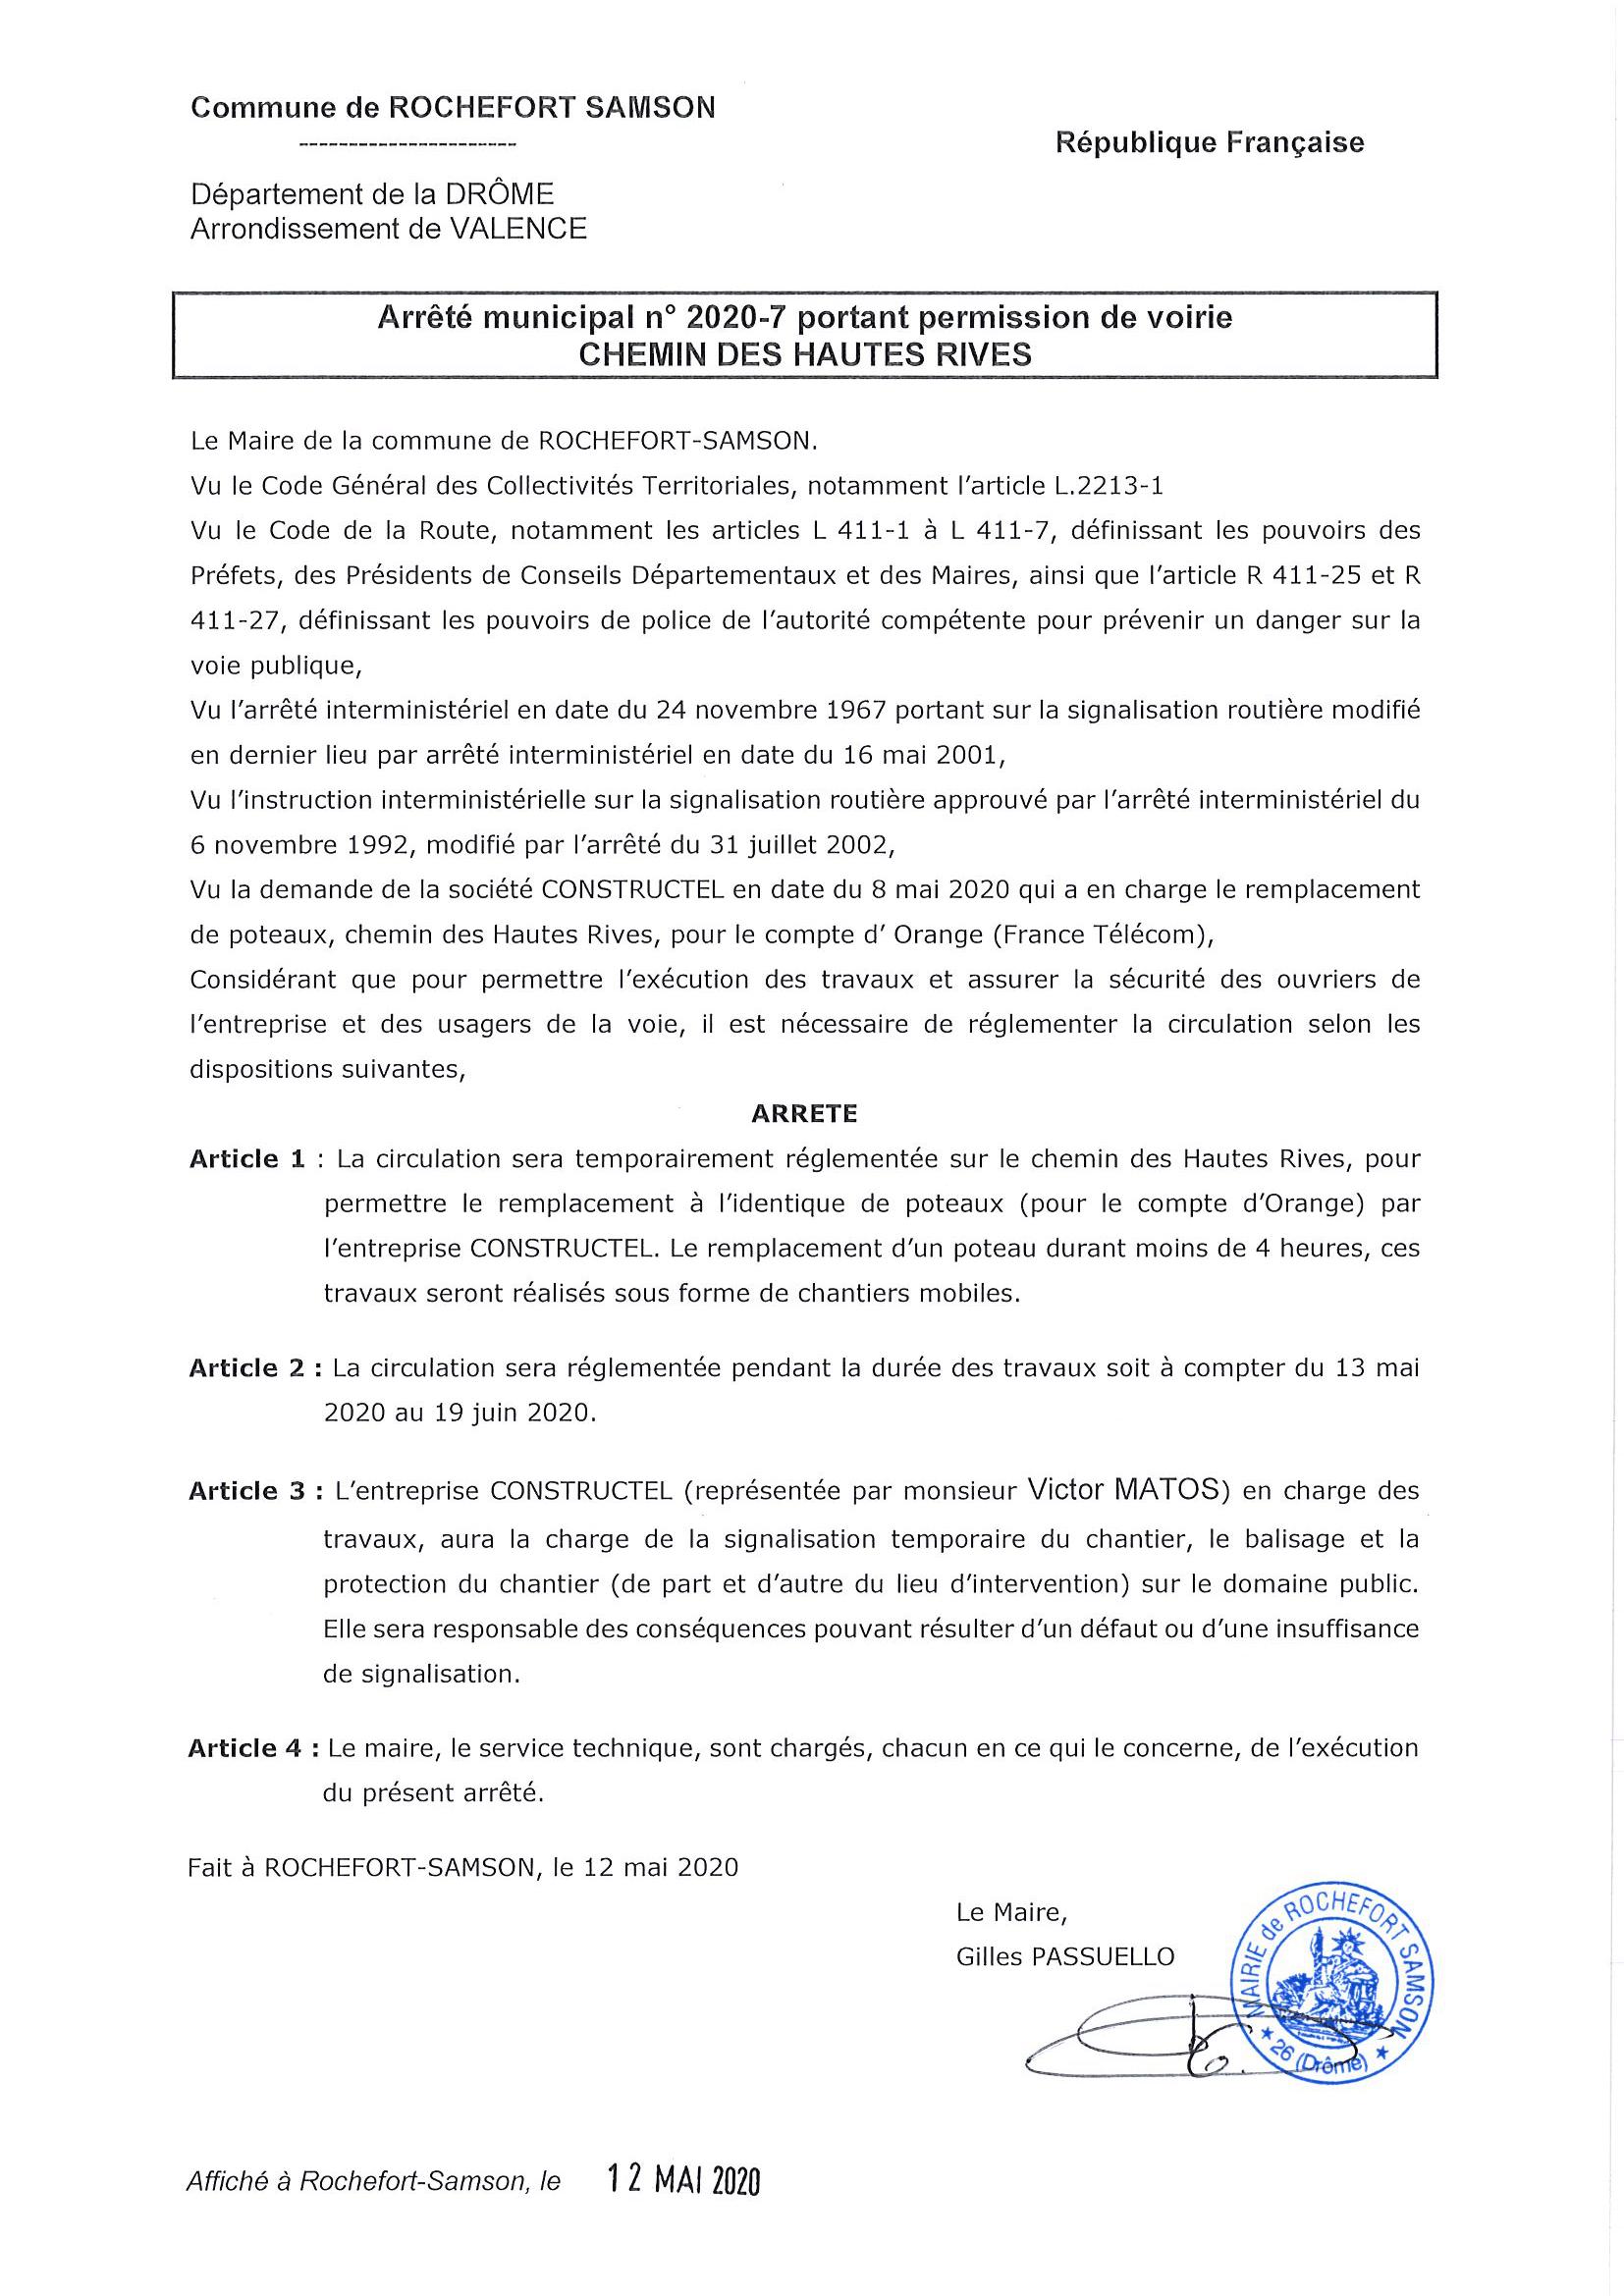 Arrêté 2020-7 Permission de voirie Chemin des Hautes Rives-1.png